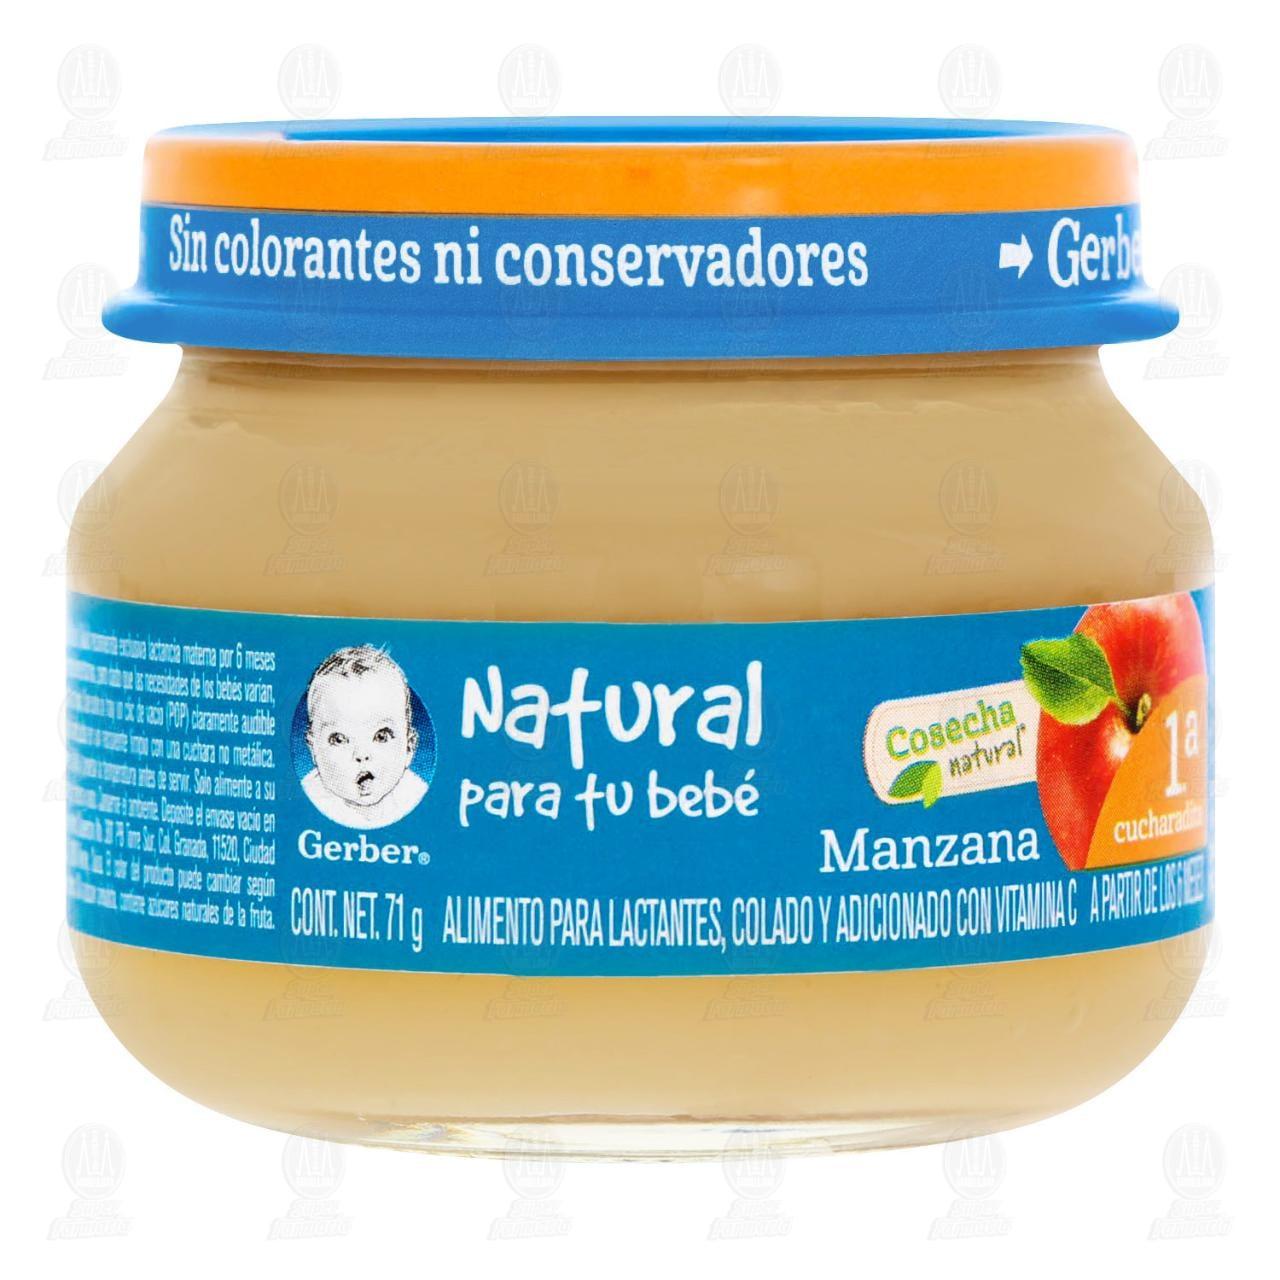 comprar https://www.movil.farmaciasguadalajara.com/wcsstore/FGCAS/wcs/products/401463_A_1280_AL.jpg en farmacias guadalajara